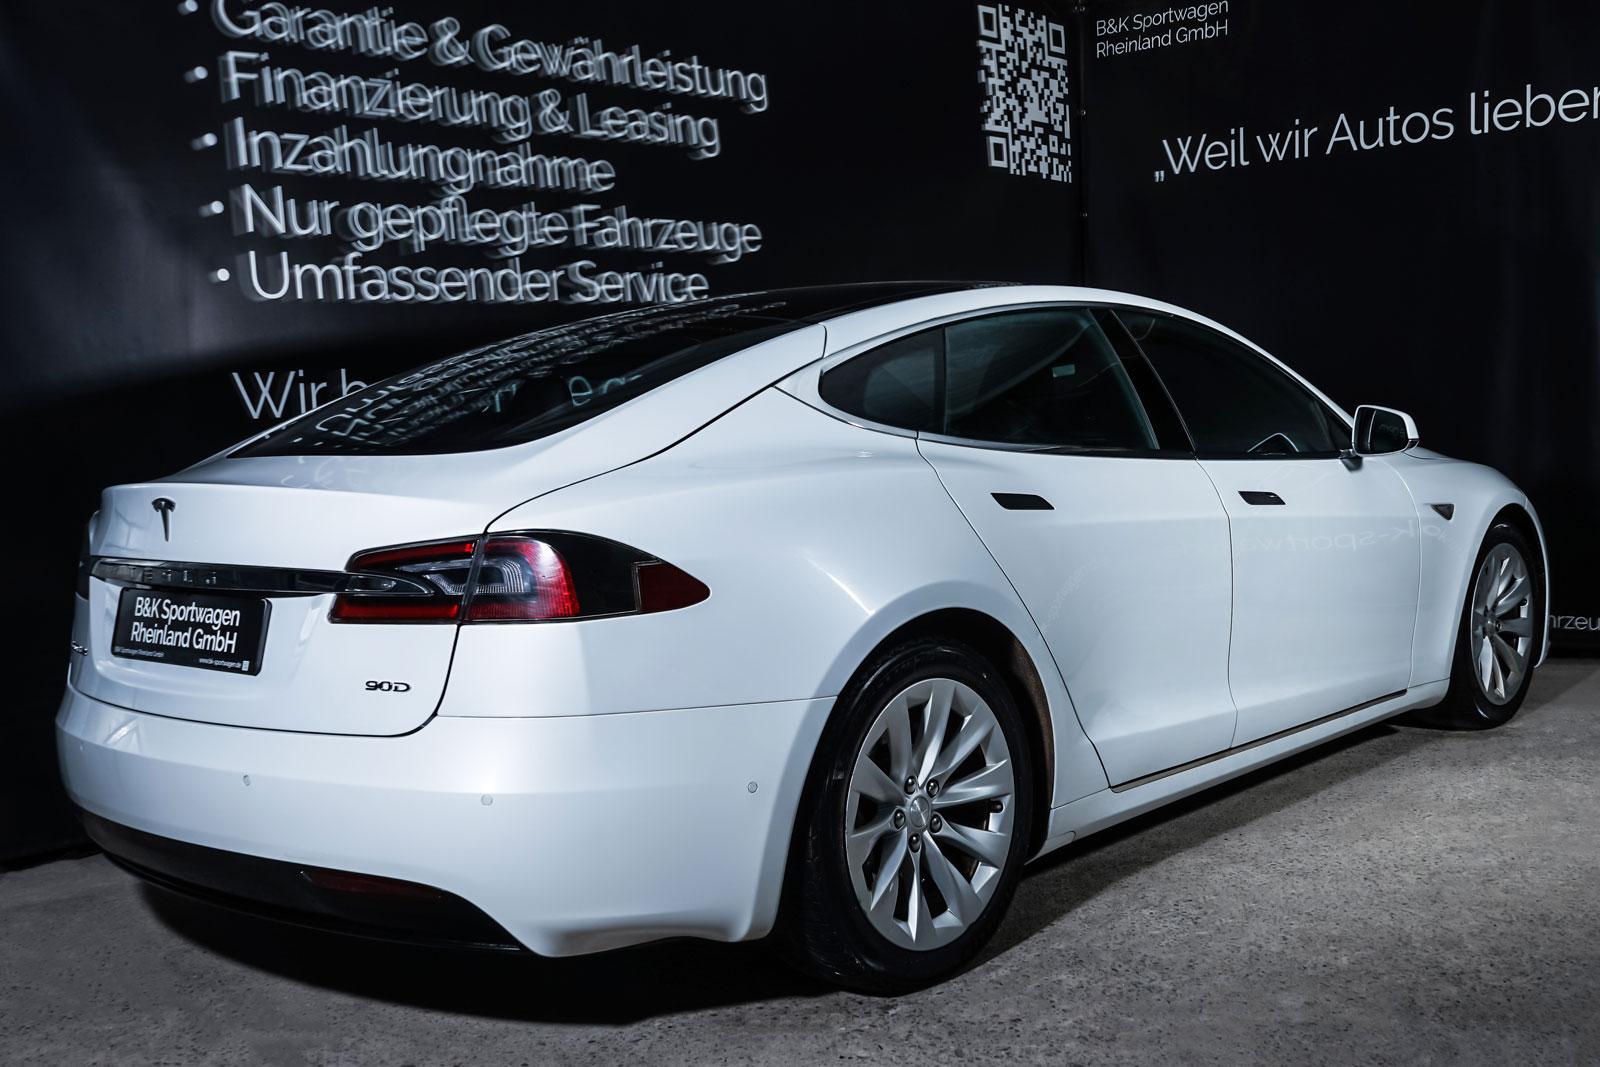 Tesla_ModelS_90D_Weiß_Schwarz_TES-0714_14_w